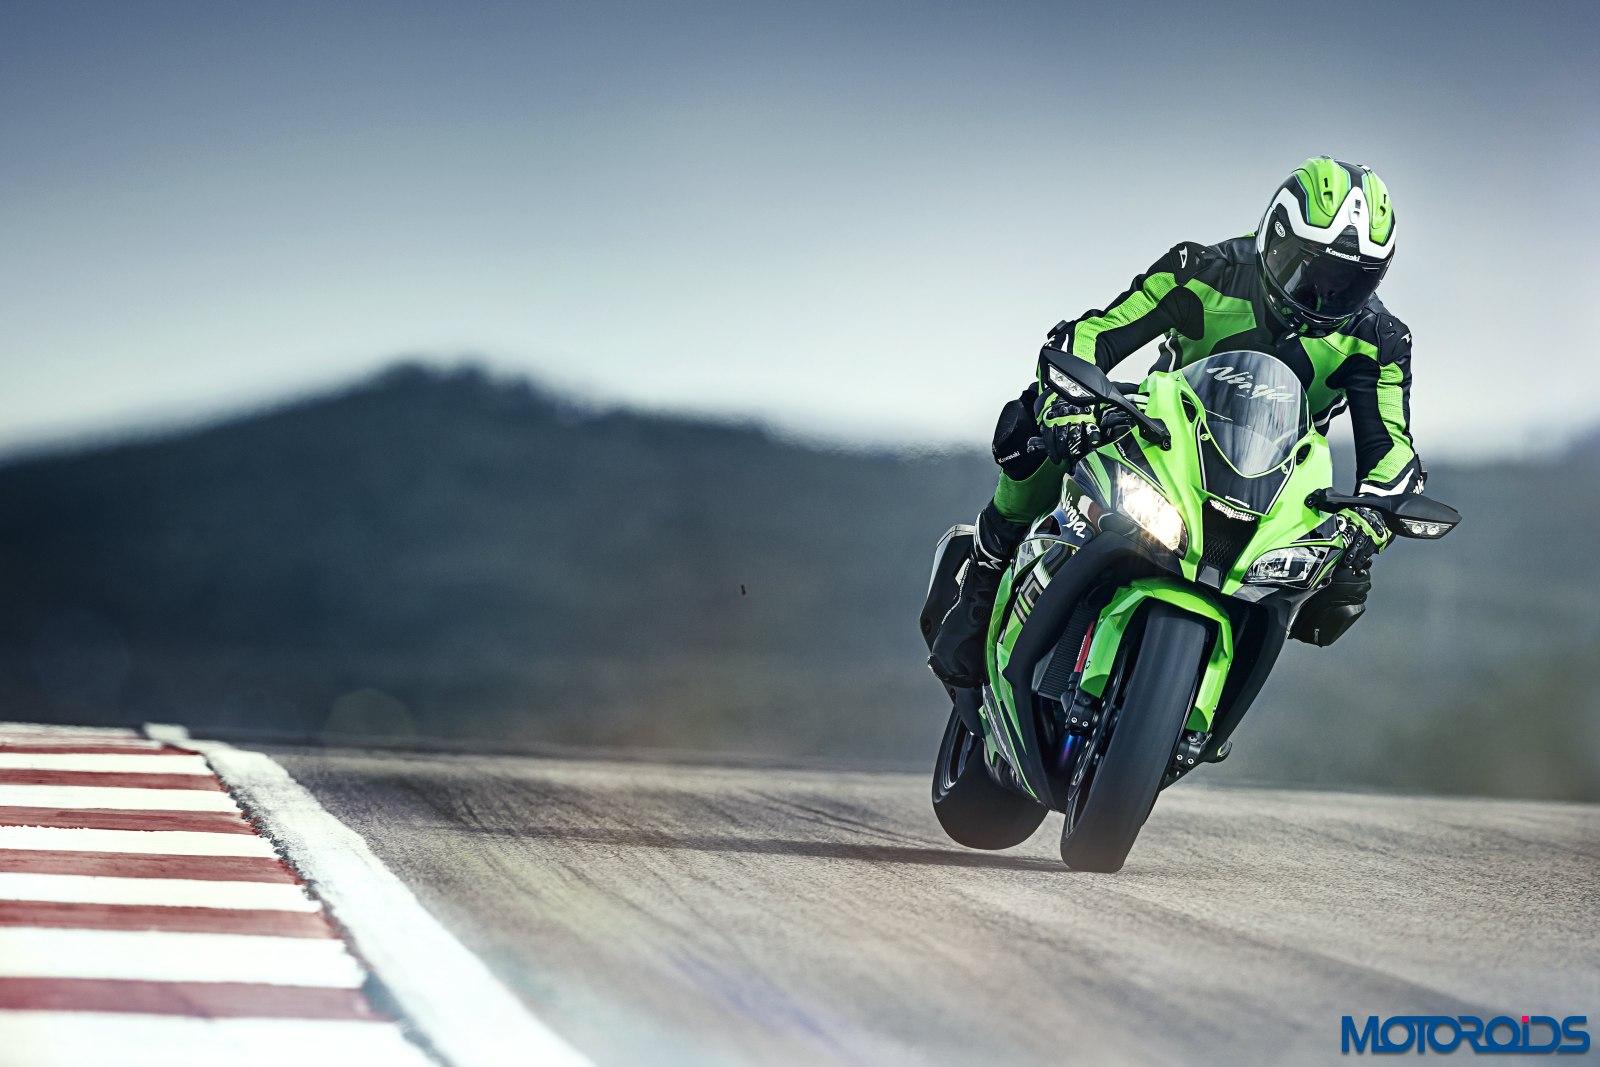 New 2016 Kawasaki Ninja Zx 10r Zx 14r Silently Ride Into India